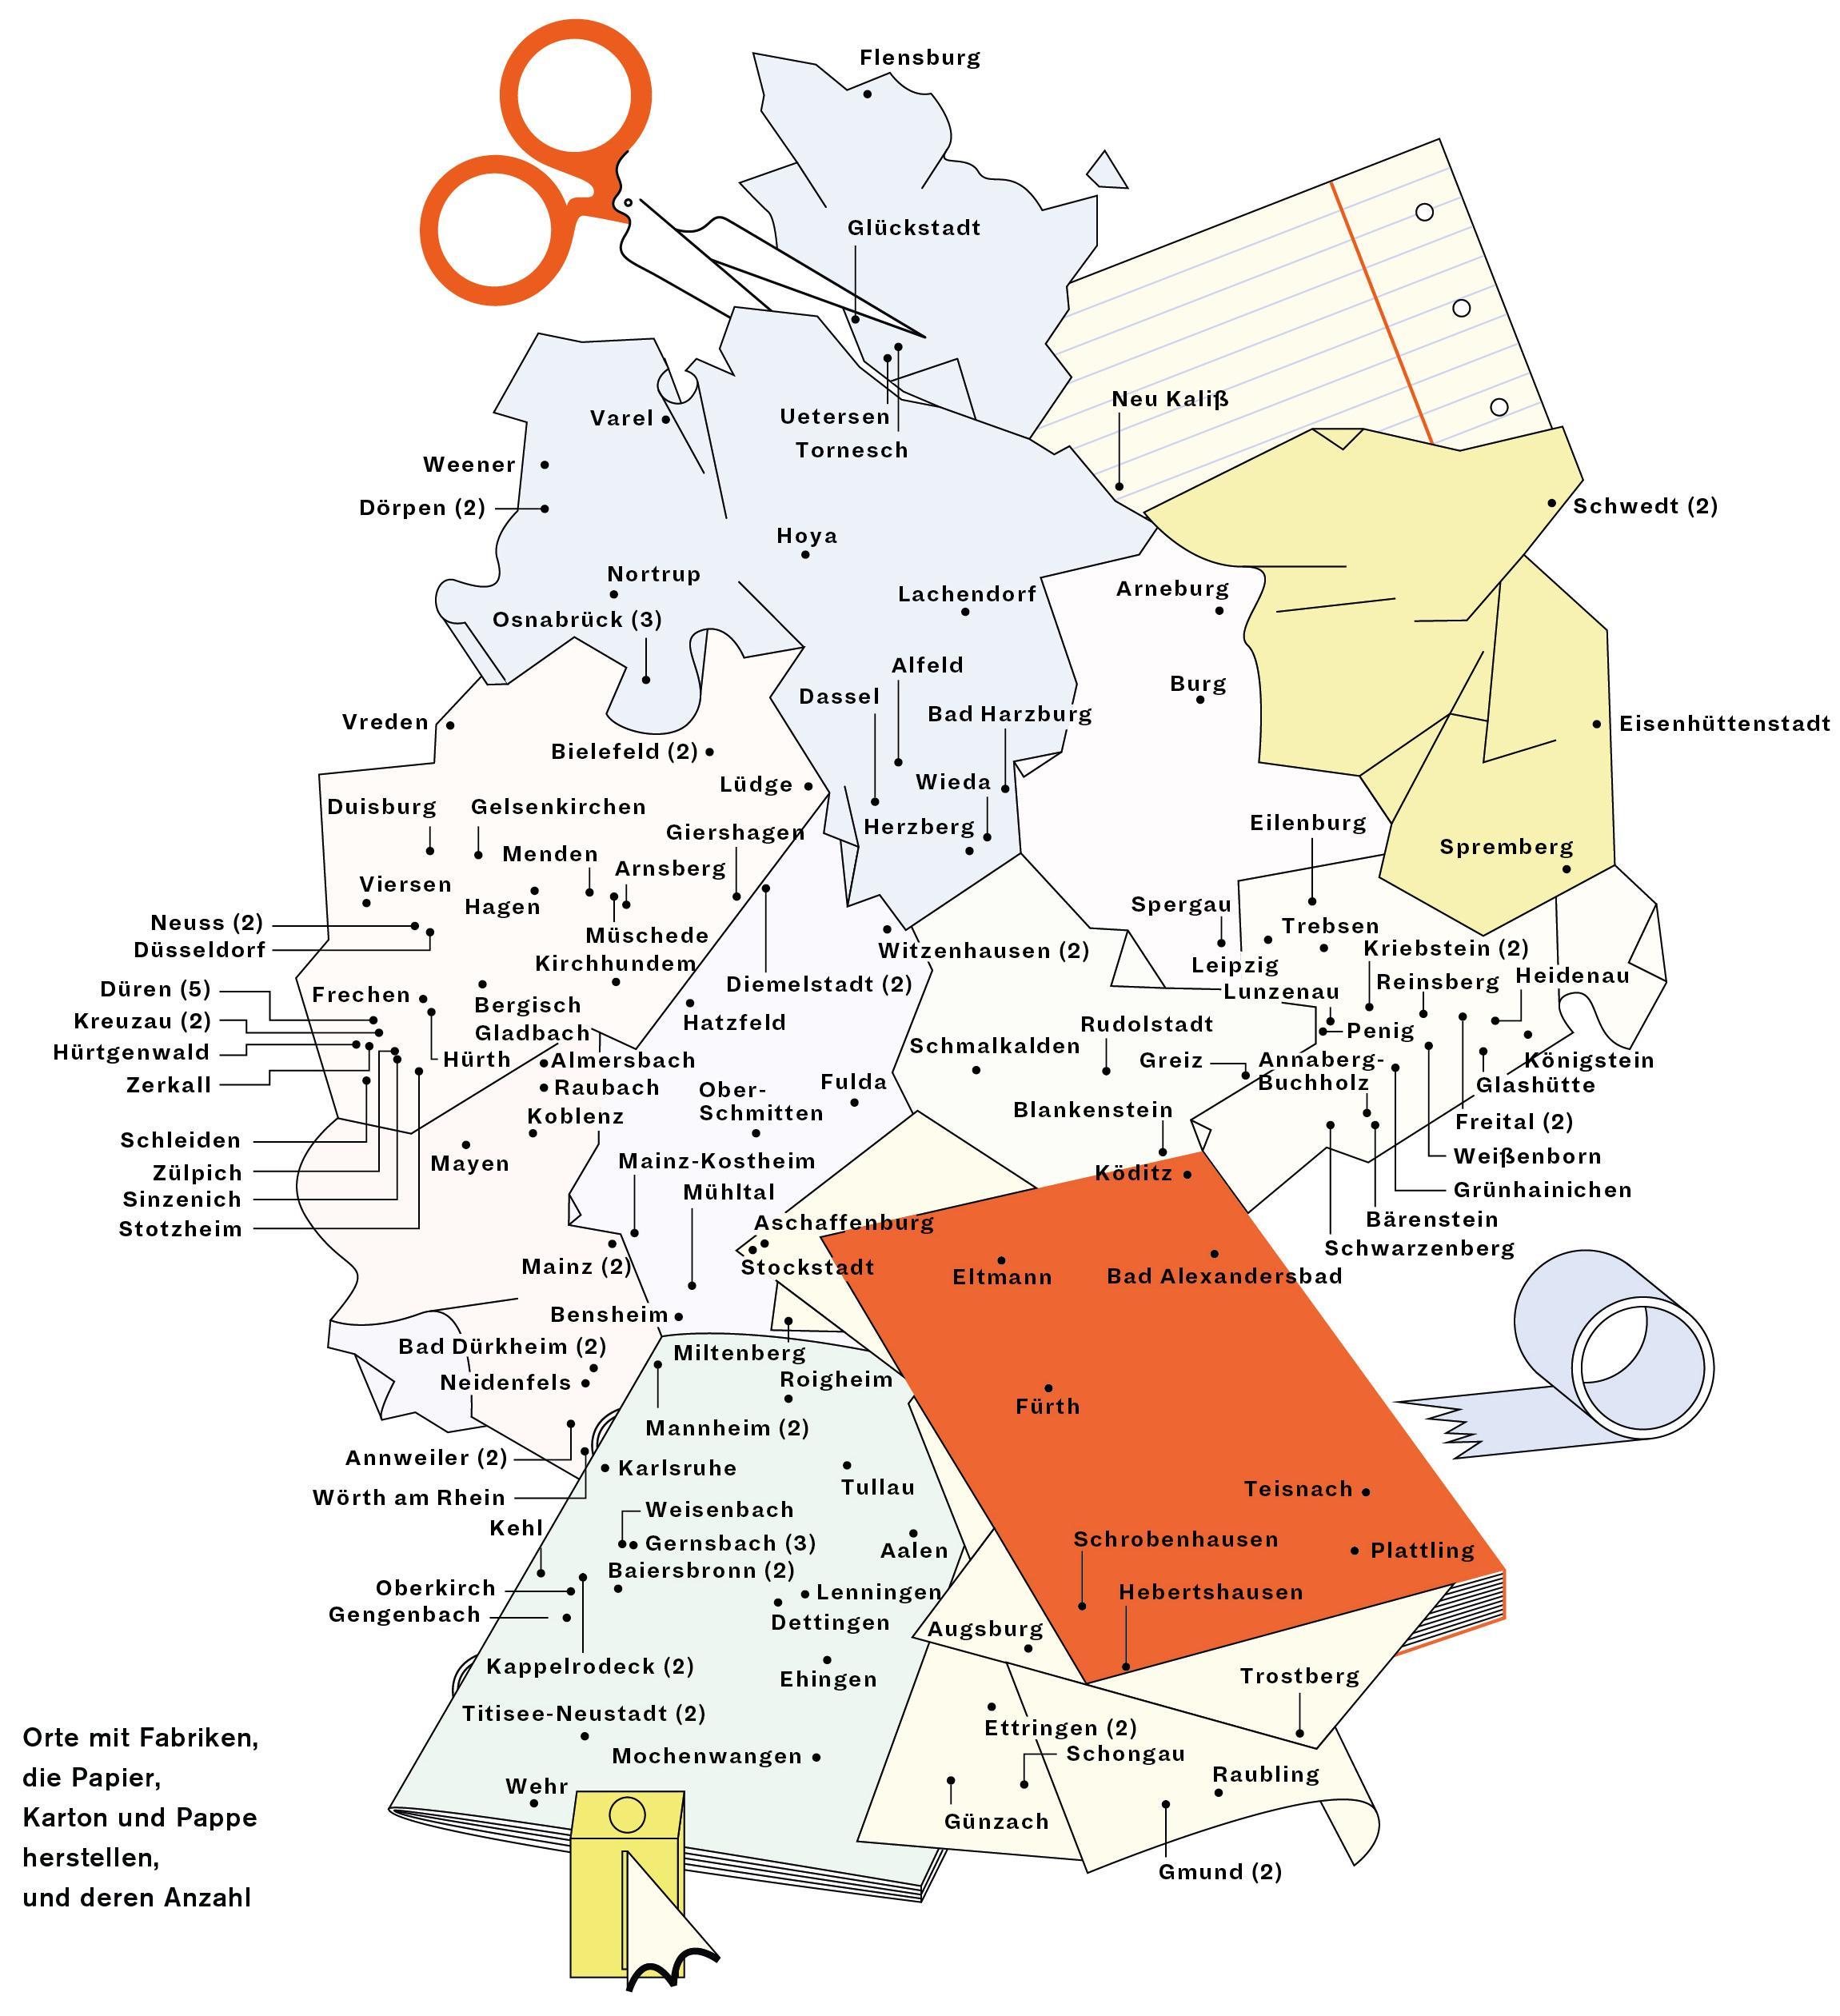 Deutschlandkarte: Papierfabriken